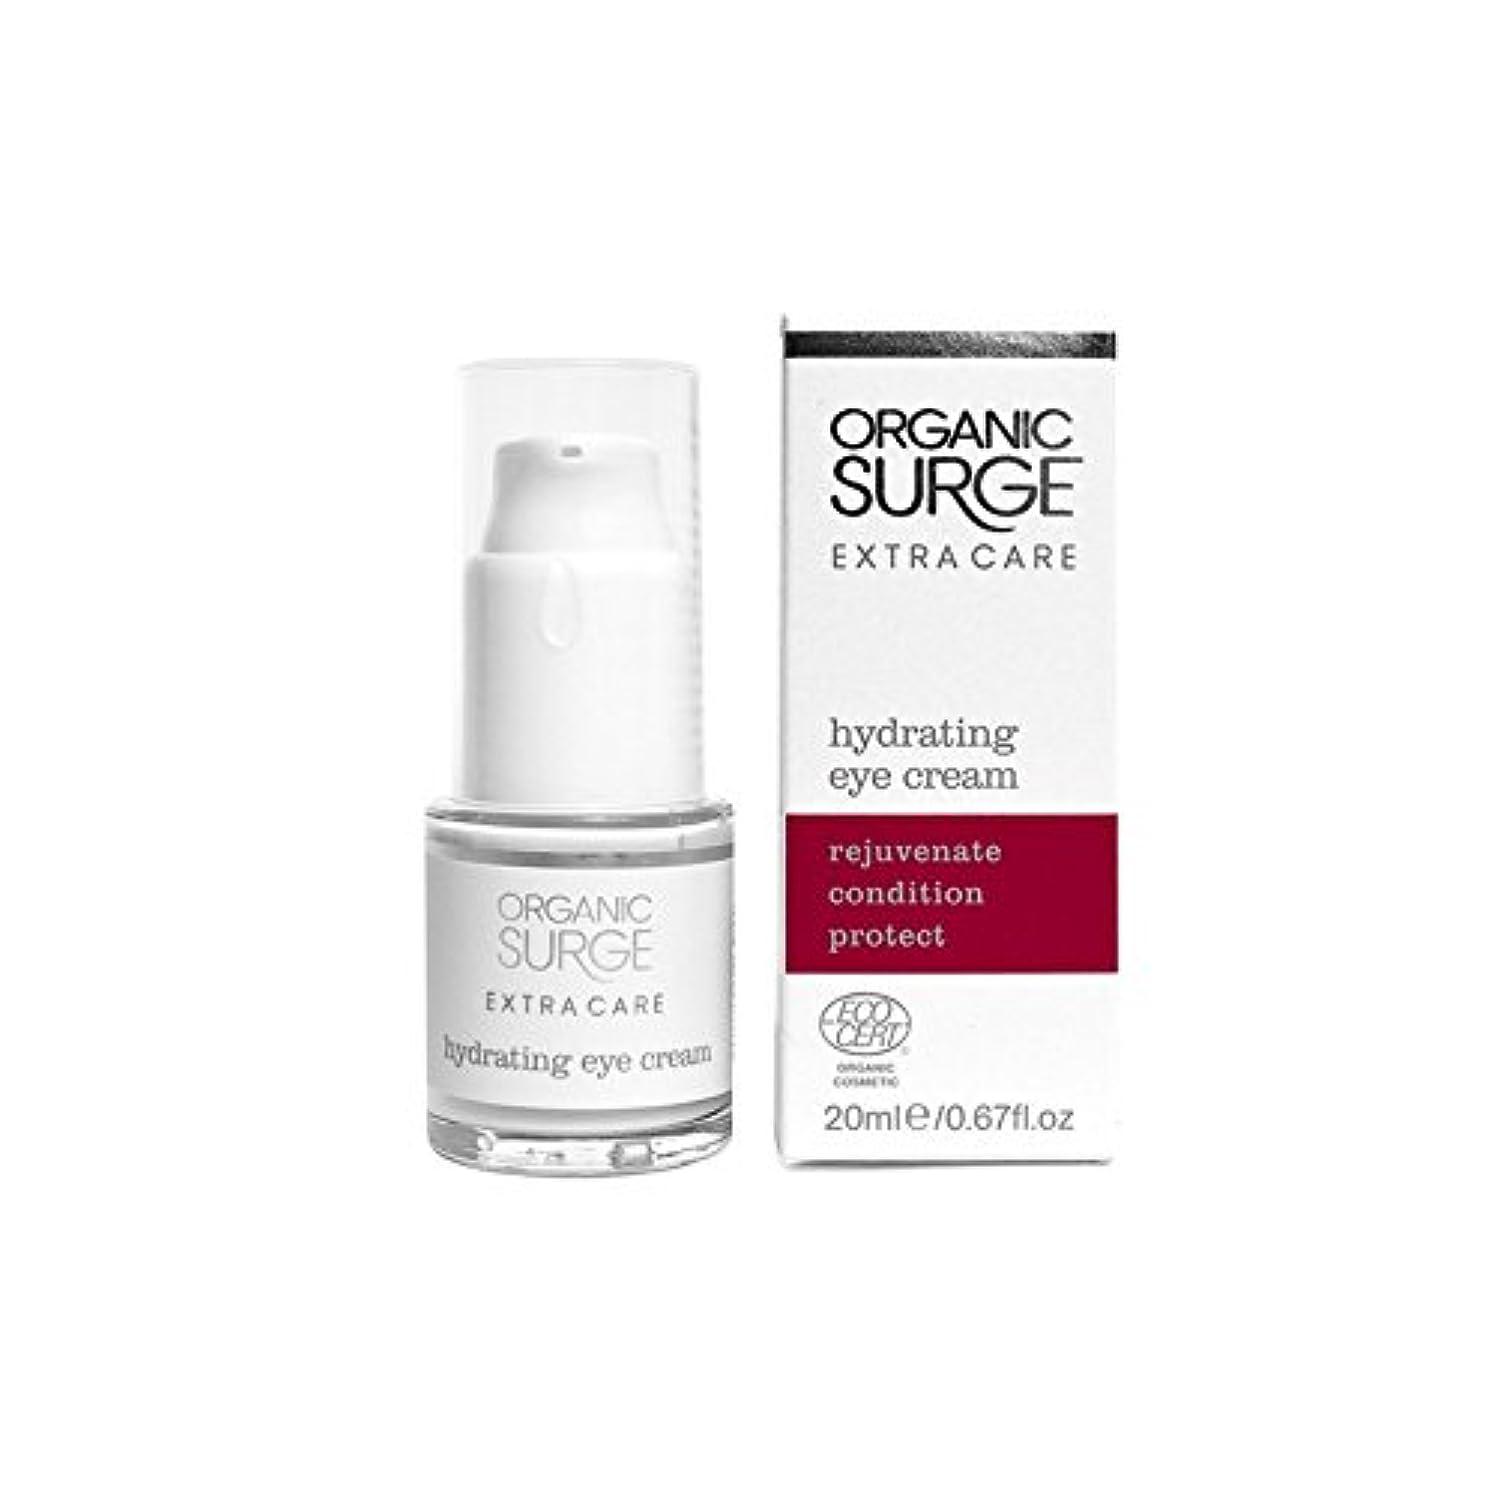 配送休日オズワルドOrganic Surge Extra Care Hydrating Eye Cream (20ml) - 有機サージエクストラケア水和アイクリーム(20ミリリットル) [並行輸入品]